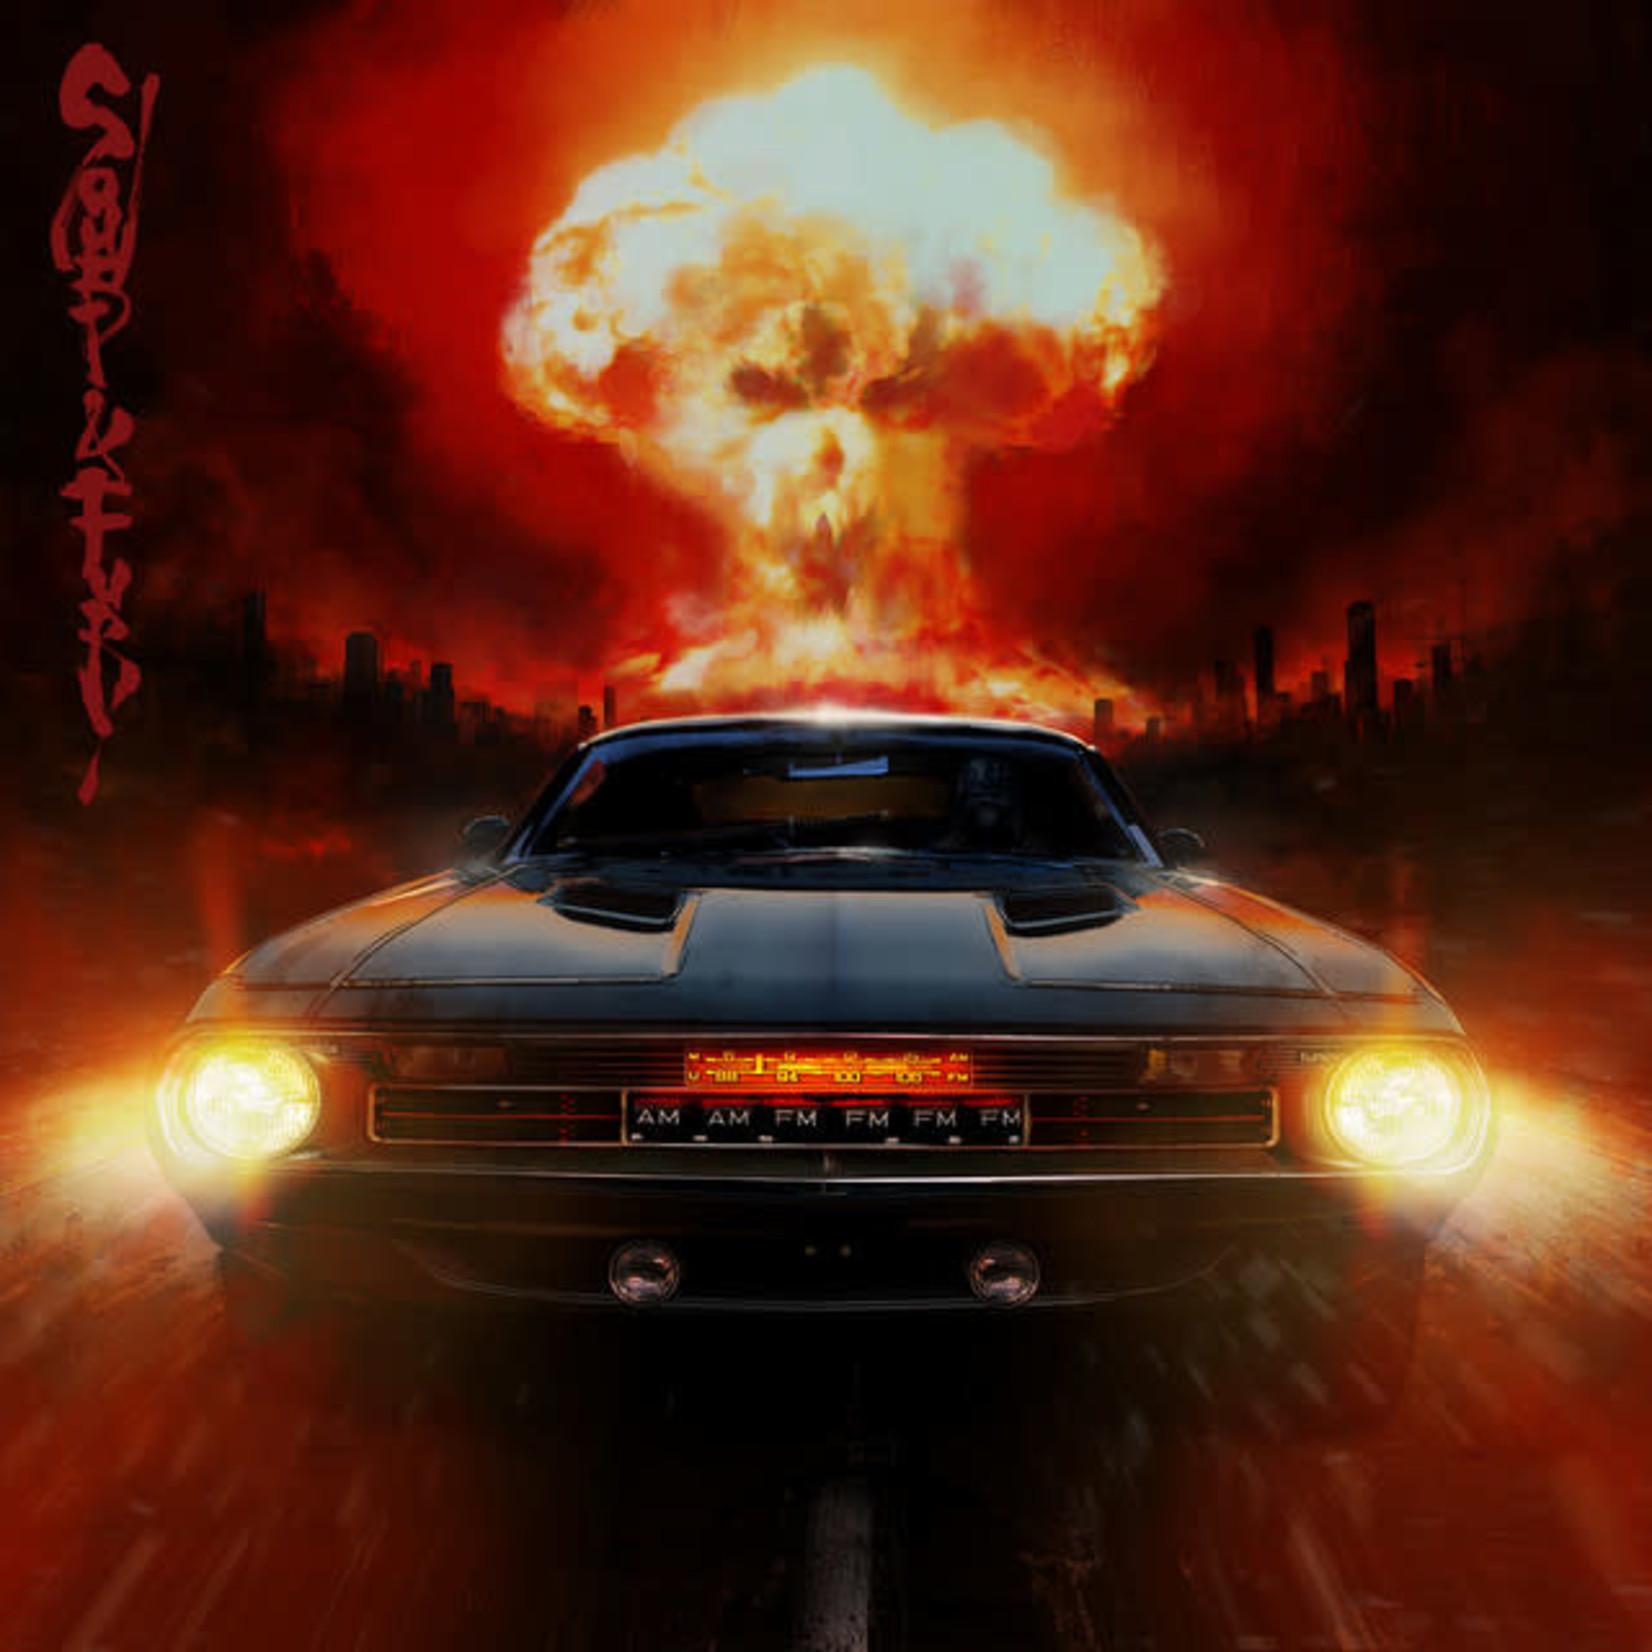 Vinyl Sturgil Simpson - Sound & Fury